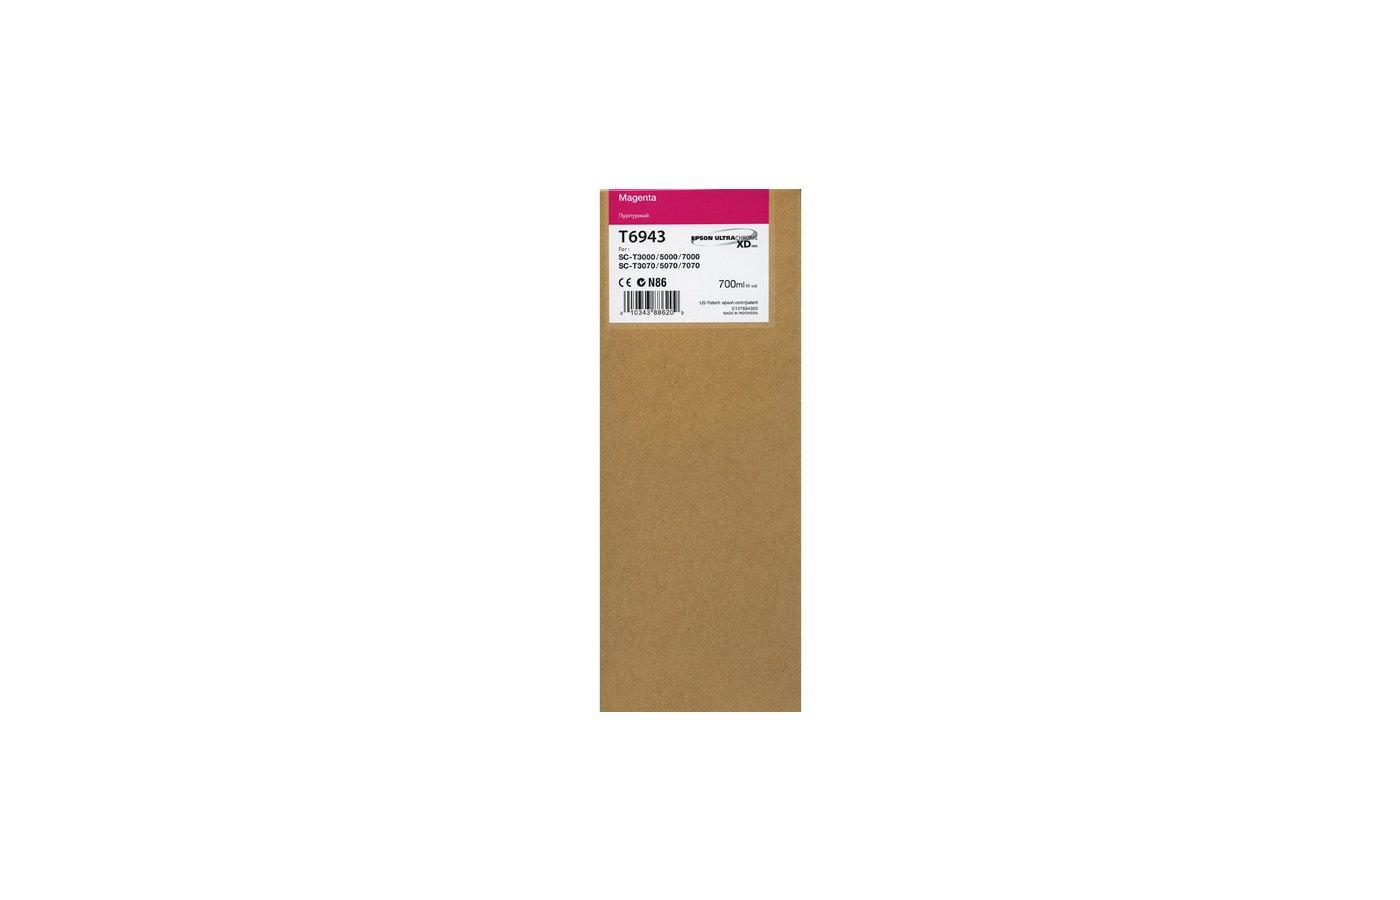 Картридж струйный Epson C13T694300 Epson картридж (Magenta для T3000/5000/7000 (700ml) (пурпурный))